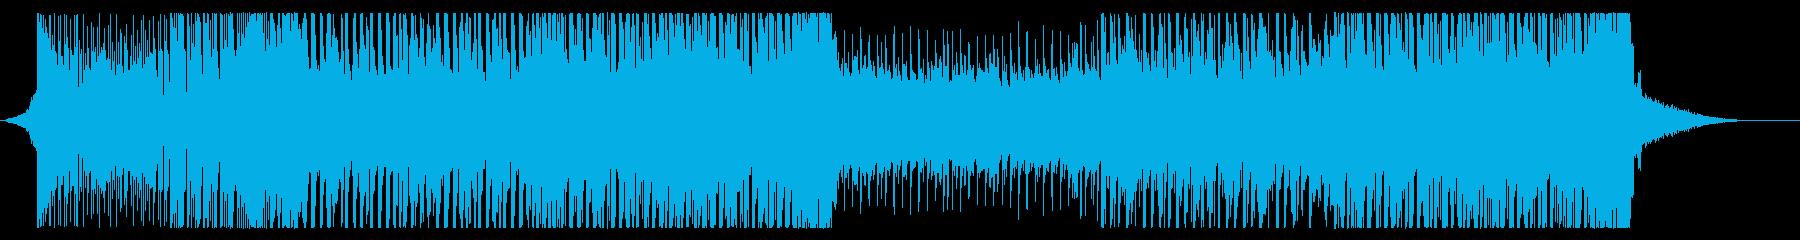 パリピ専用!パーティーアゲアゲなEDM。の再生済みの波形